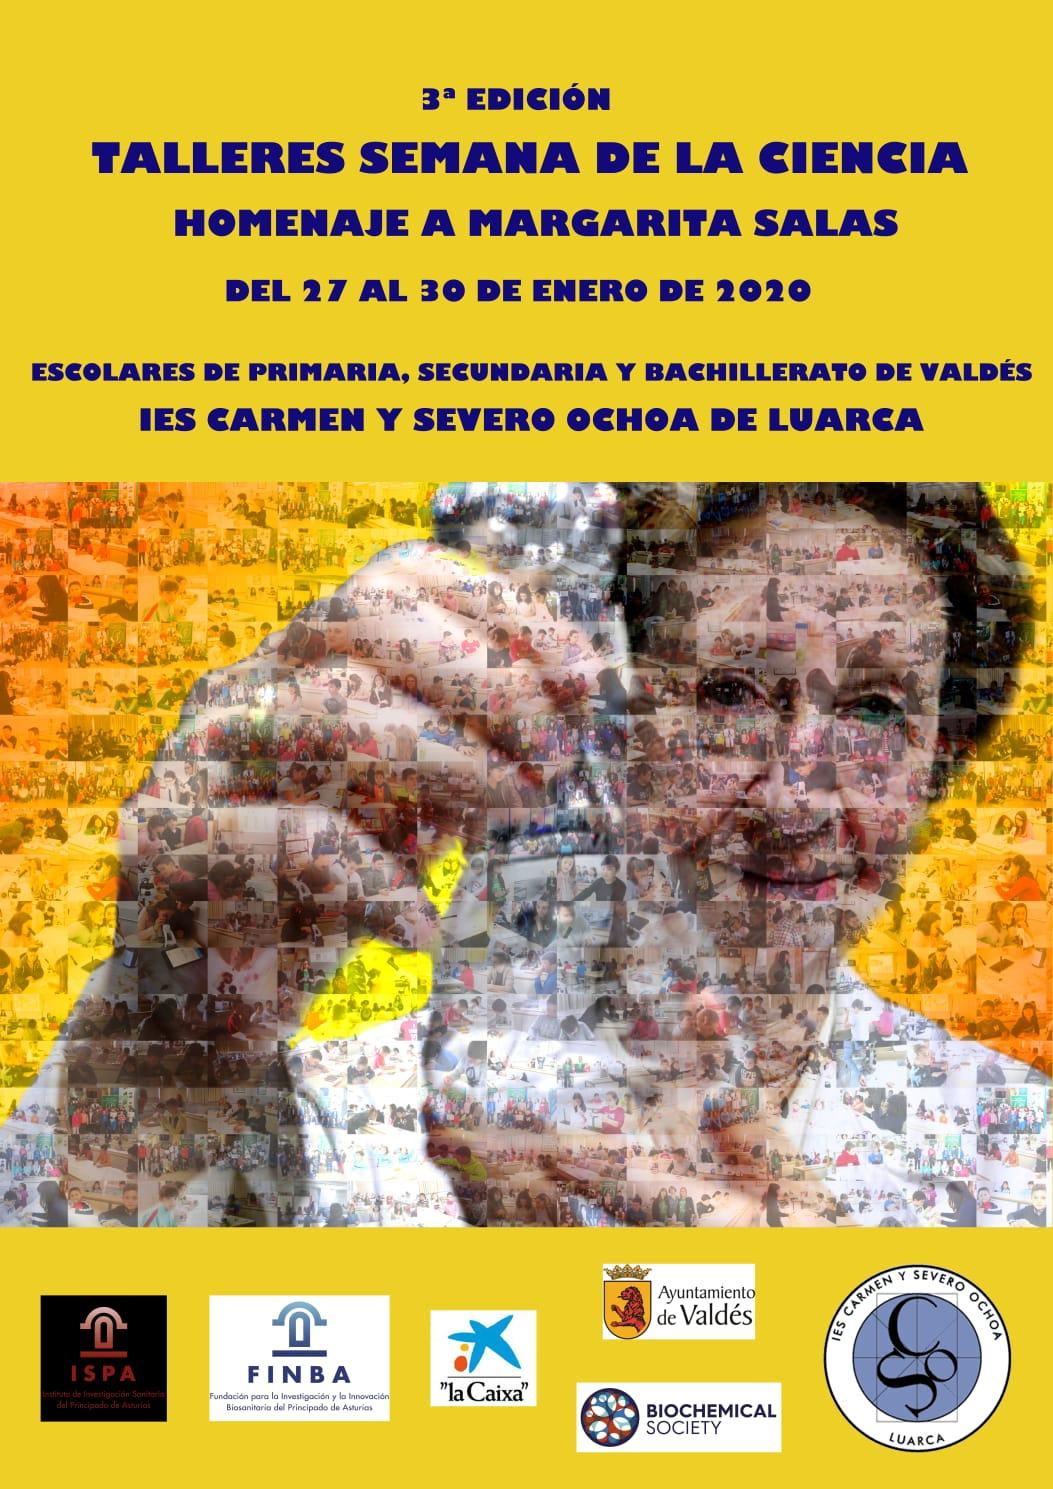 Talleres Semana de la Ciencia en el IES Carmen y Severo Ochoa de Luarca, homenaje a Margarita Salas